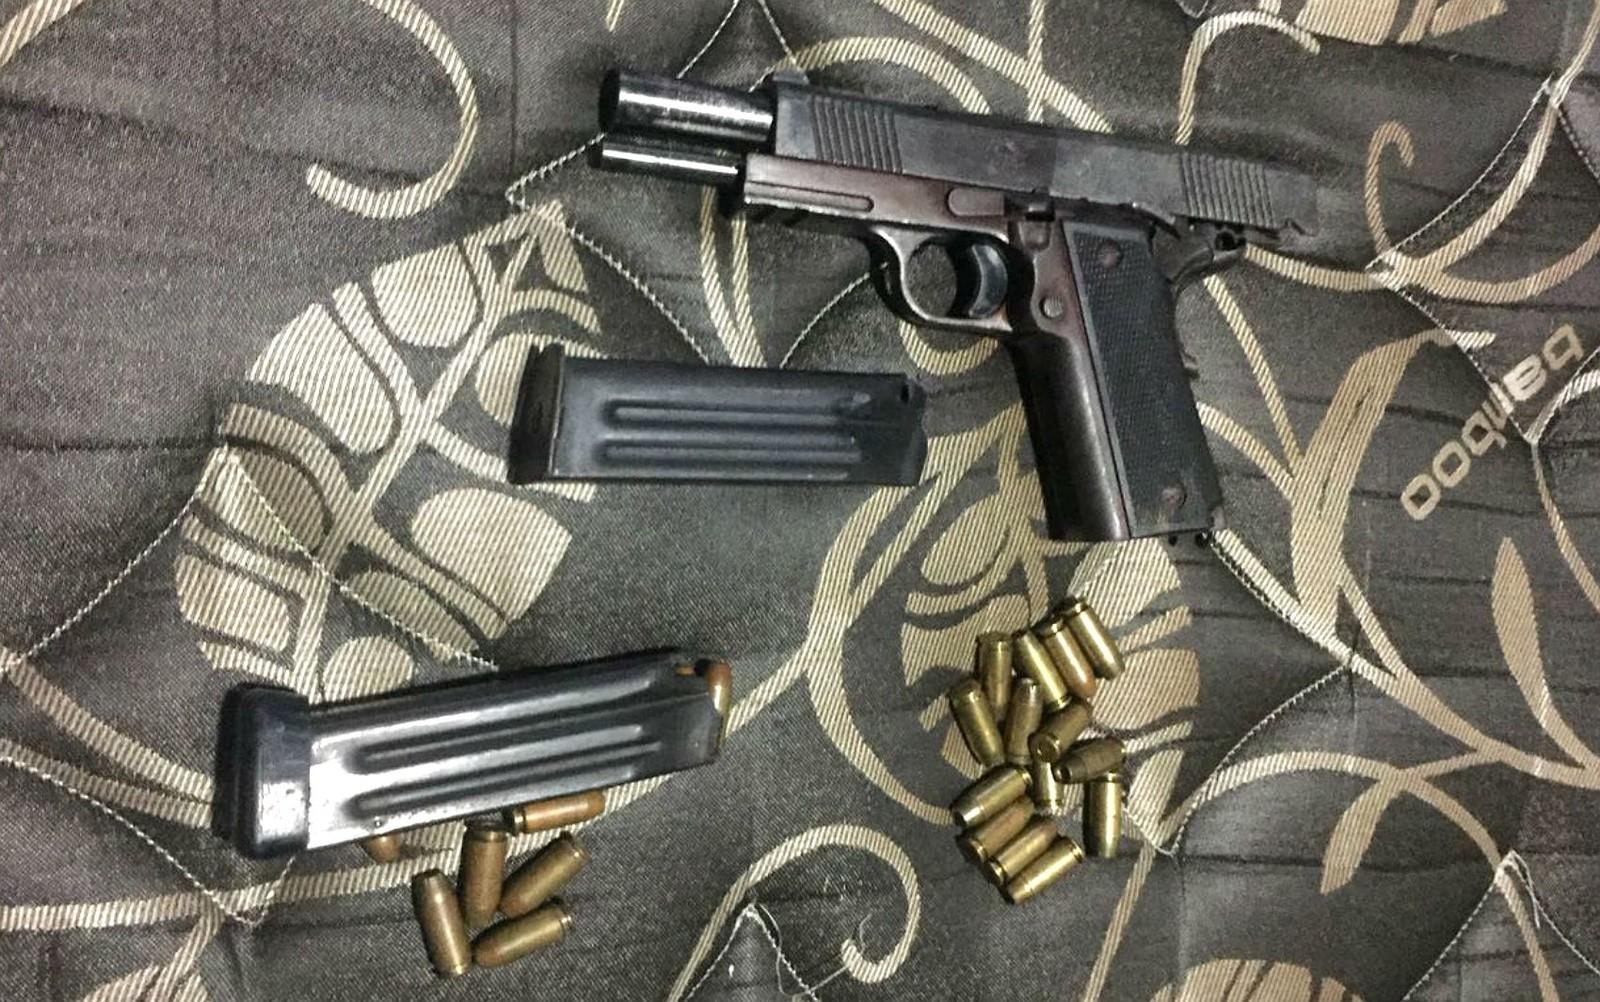 Armas e balas apreendidas em operação policial em Brasília